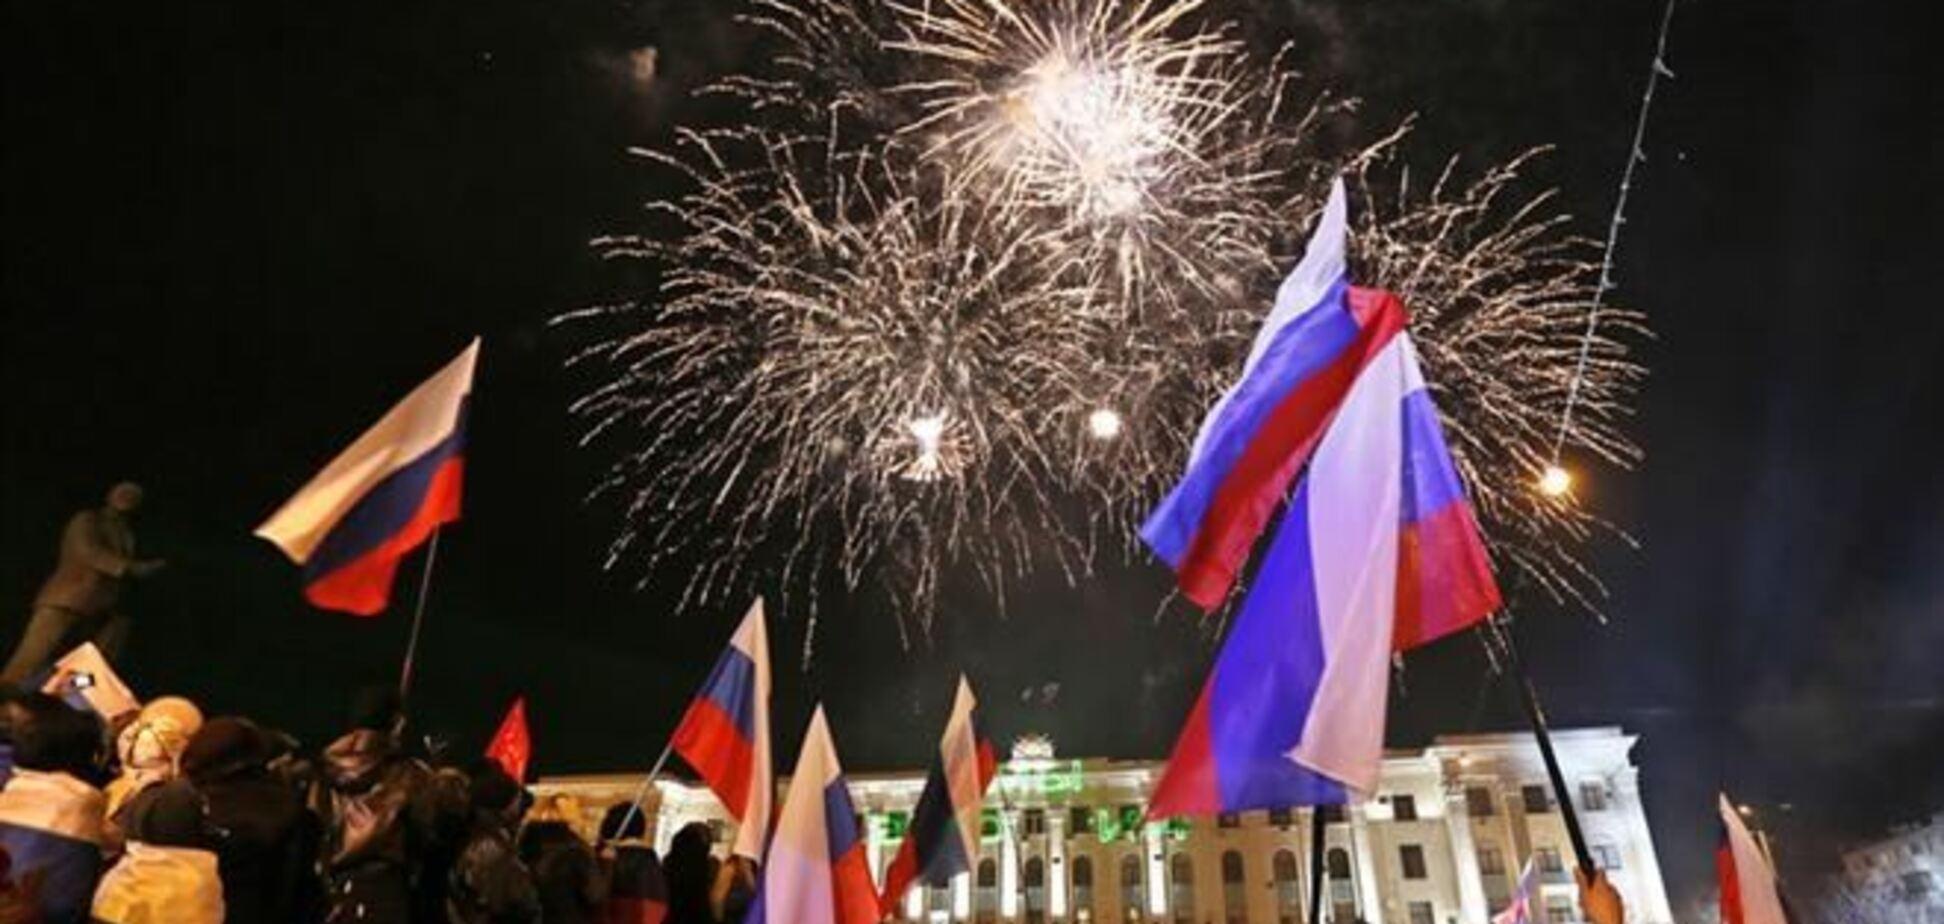 В Госдуме РФ уже готова процедура присоединения Крыма после 'референдума'